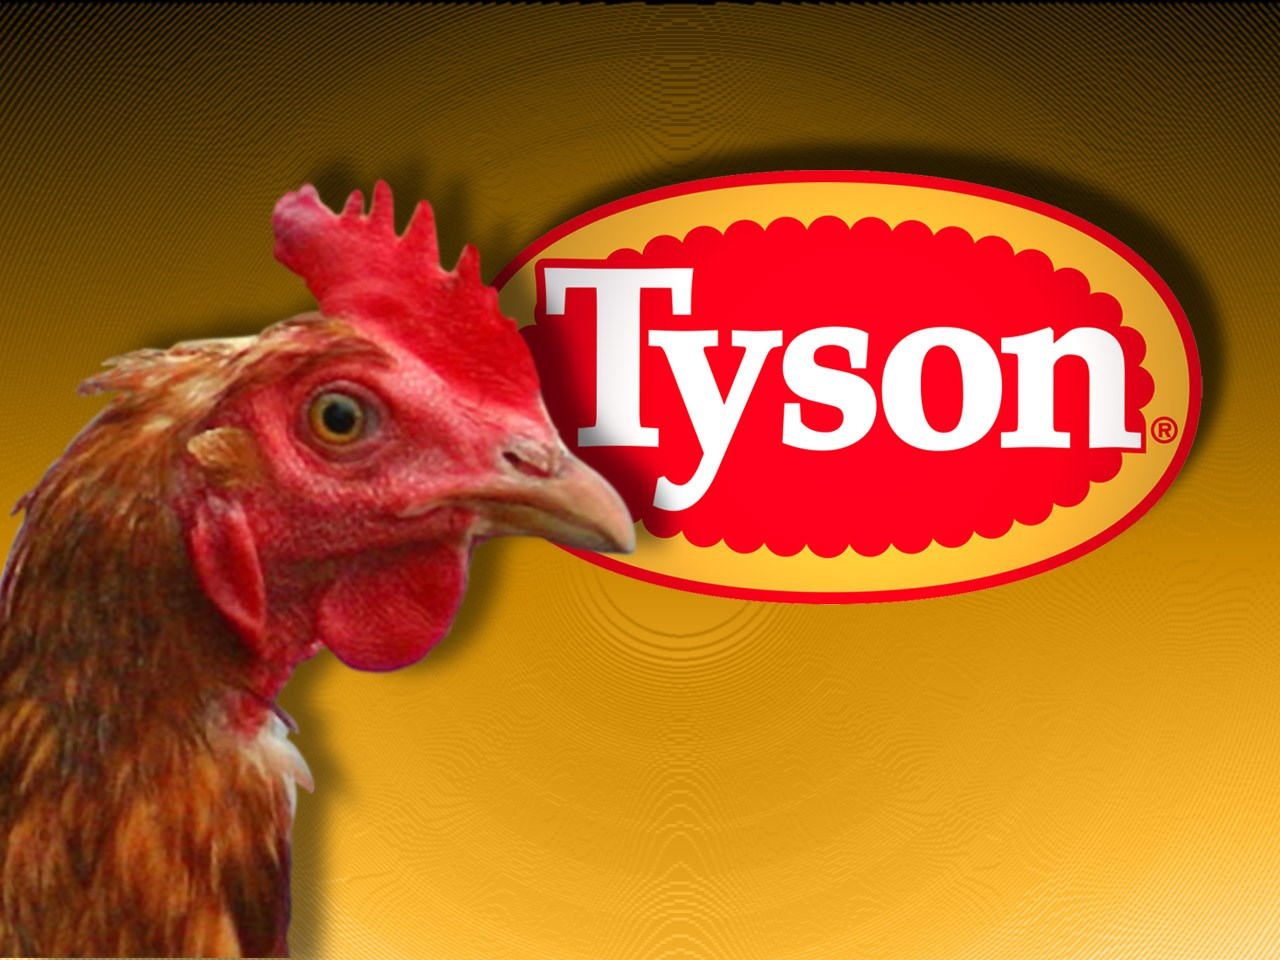 Tyson chicken.jpg